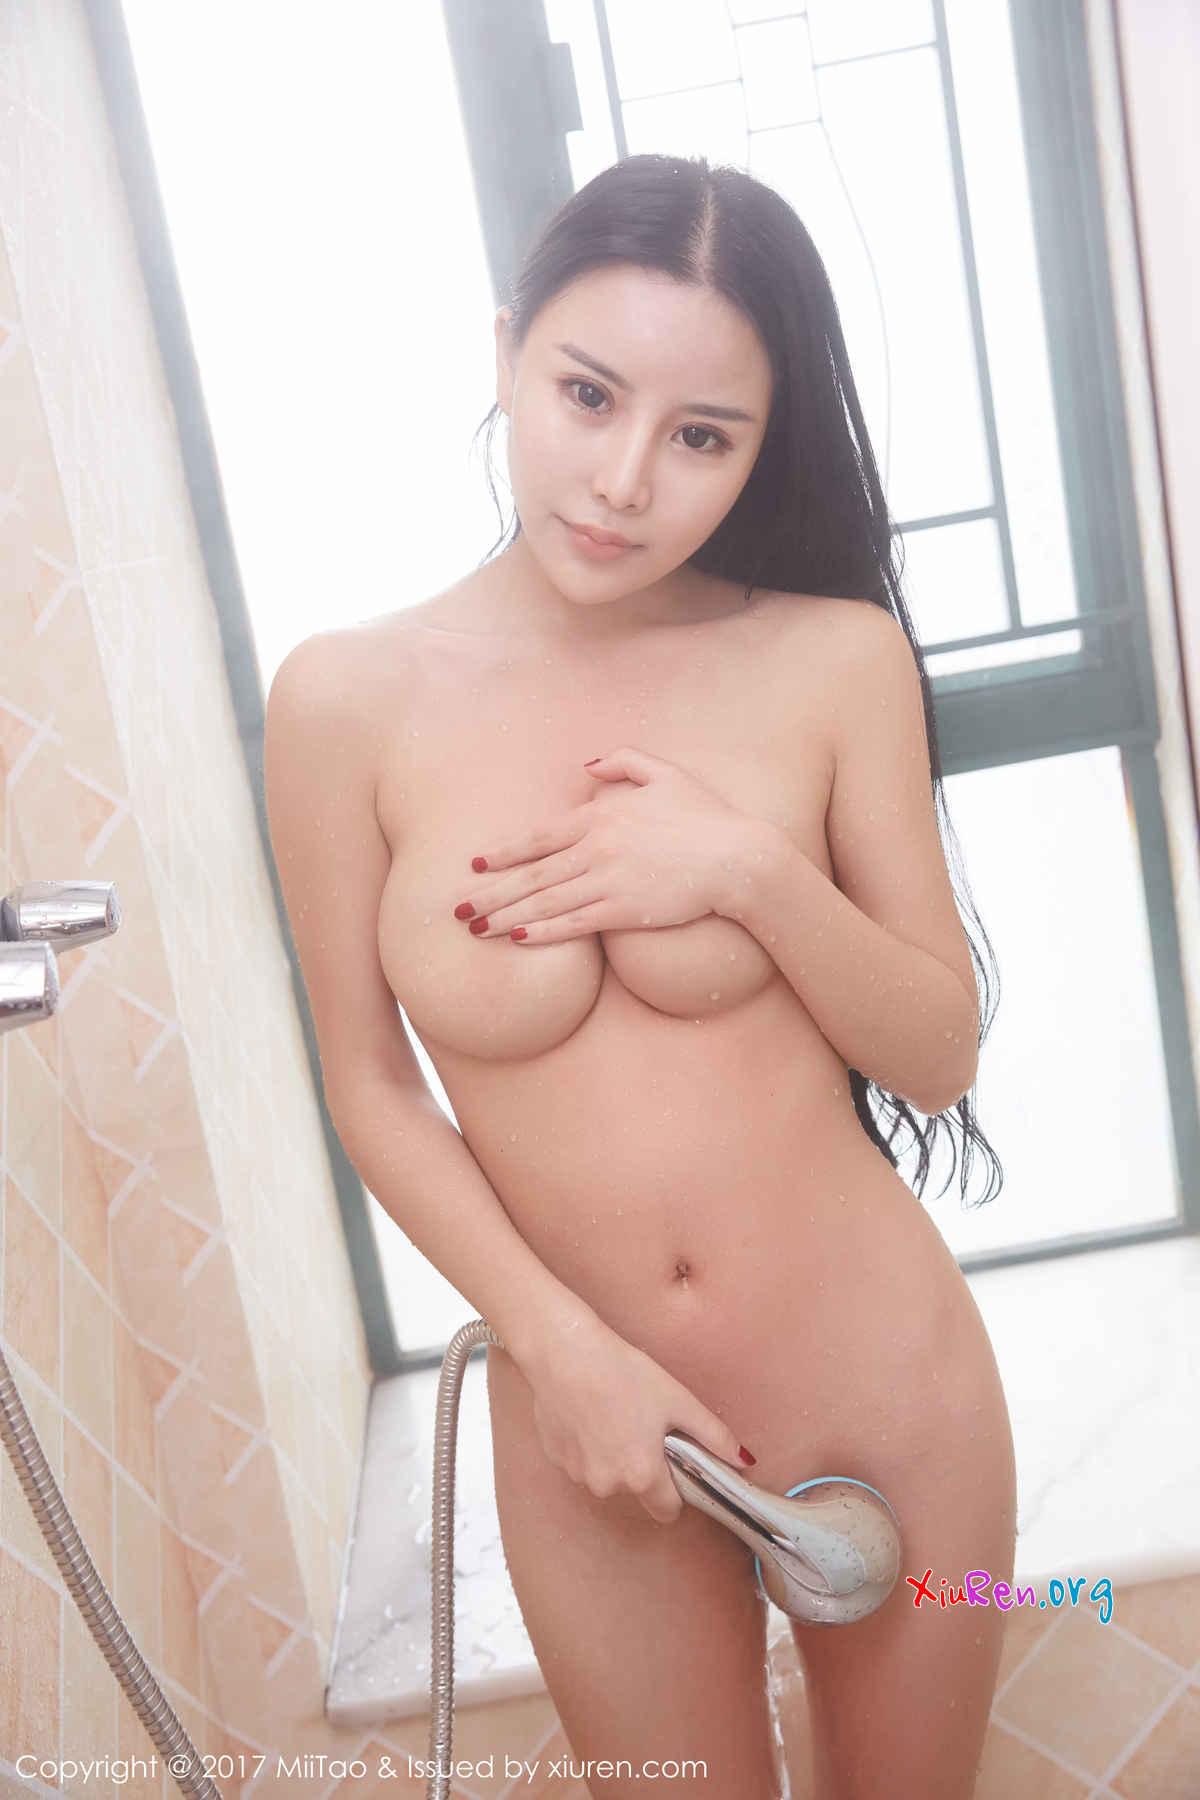 anh-gai-vip-nguc-khung-nha-cai-188bet-26